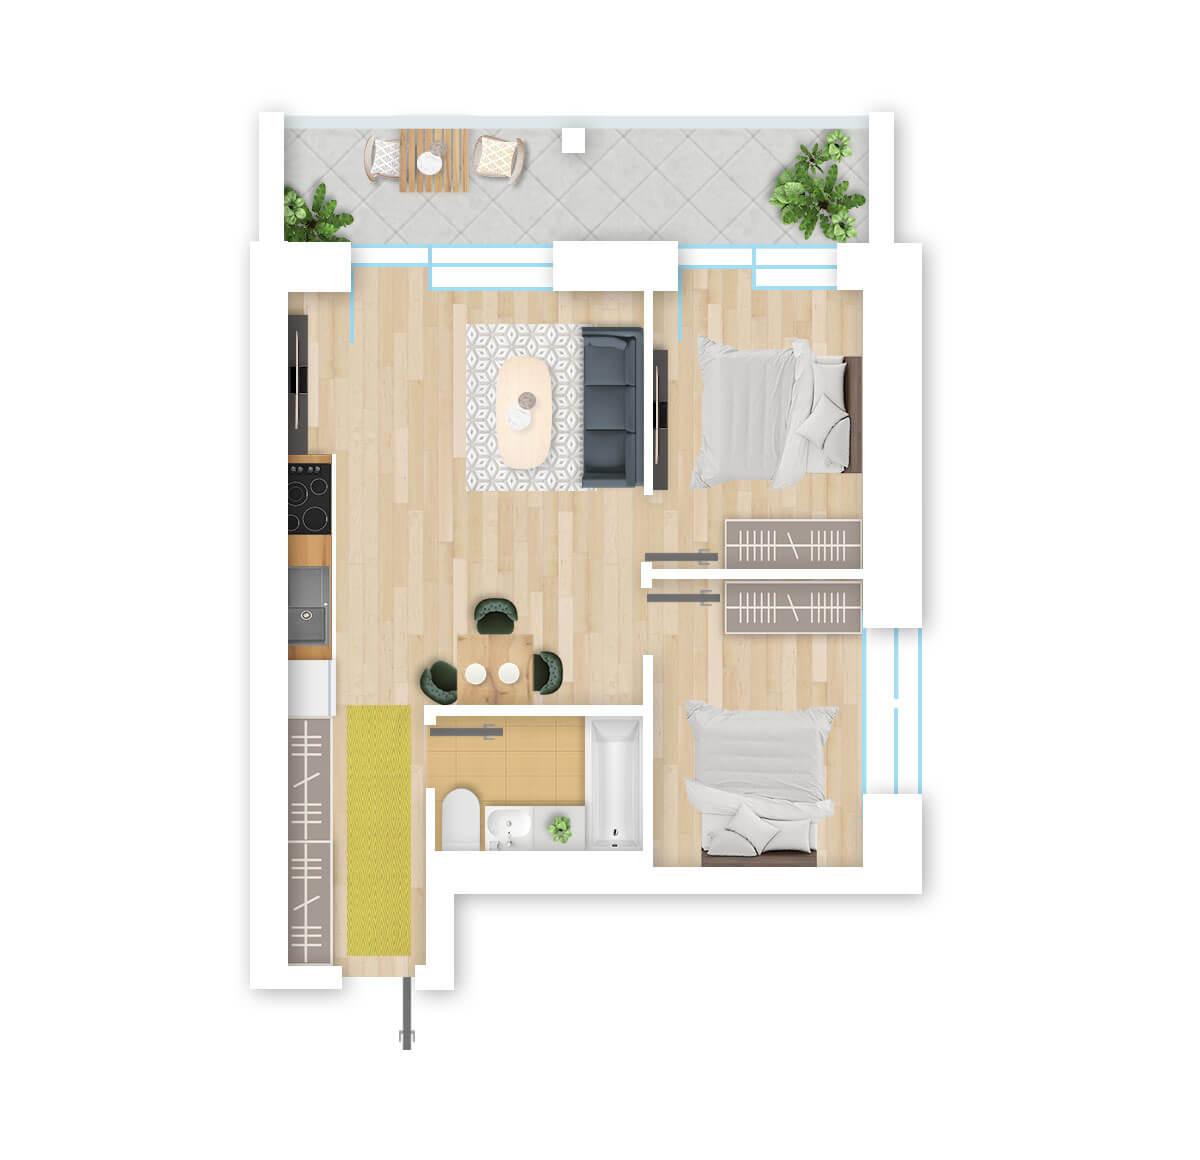 parduodamas butas Lazdynėlių g. 16B - 30 Vilniuje, buto 3D vaizdas